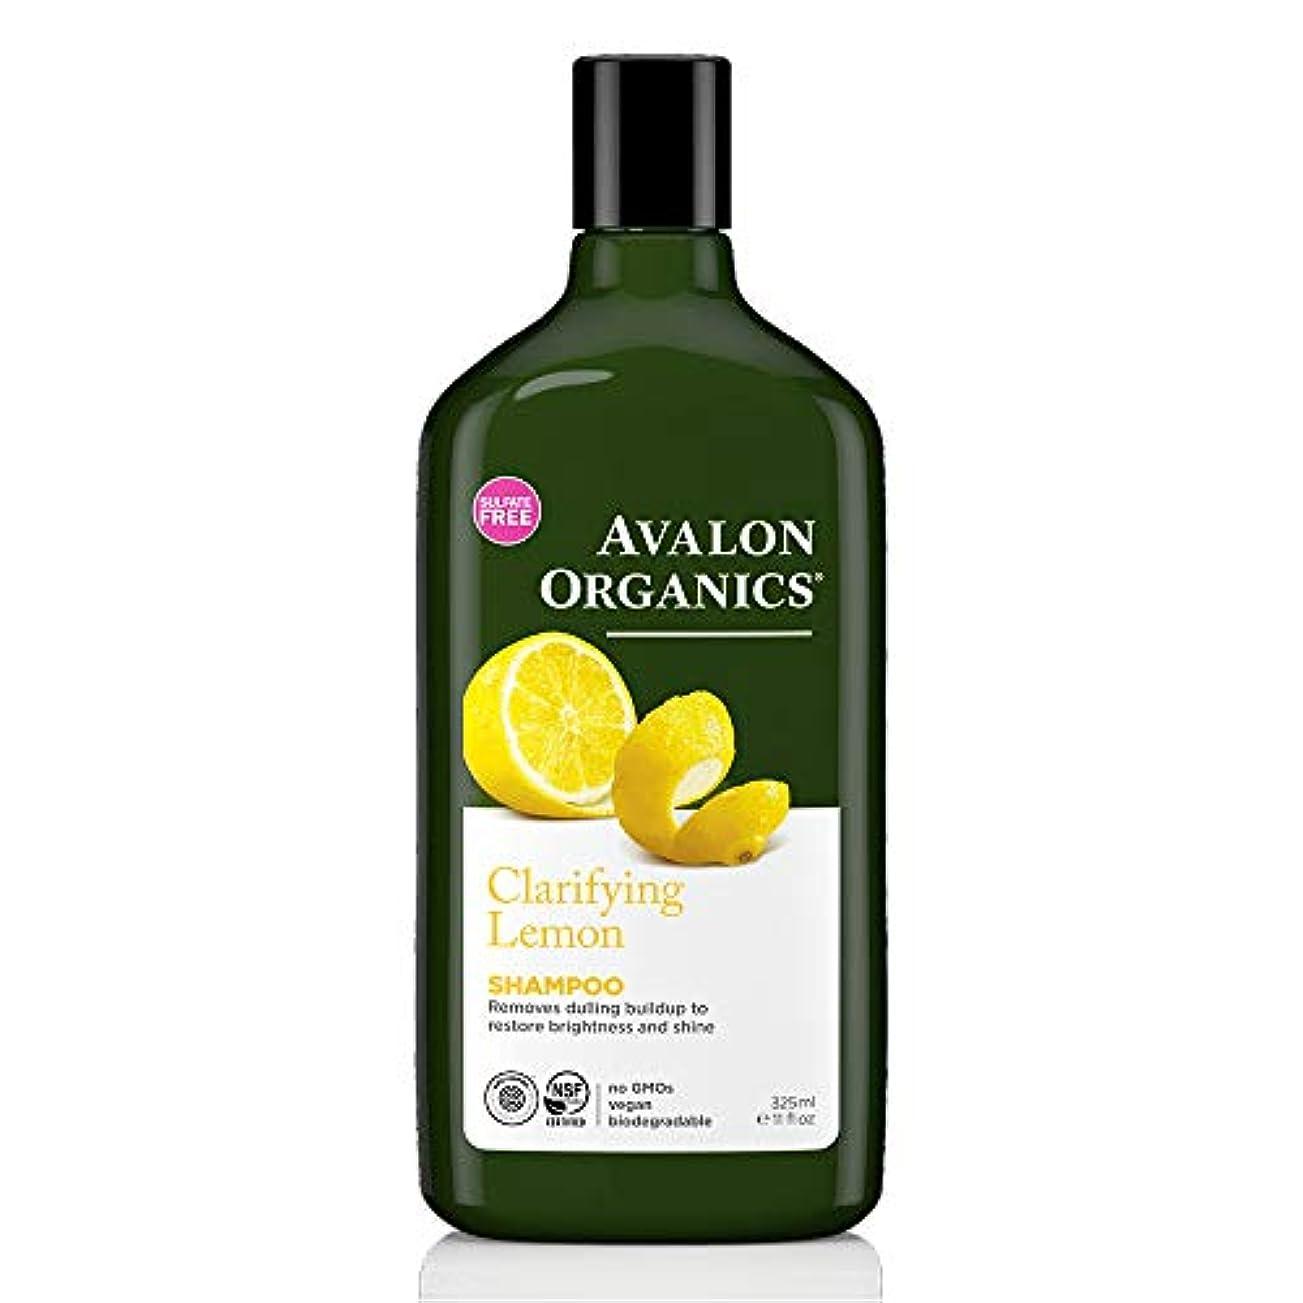 概してスムーズに感心するAVALON ORGANICS アバロンオーガニクス シャンプー レモン 325ml